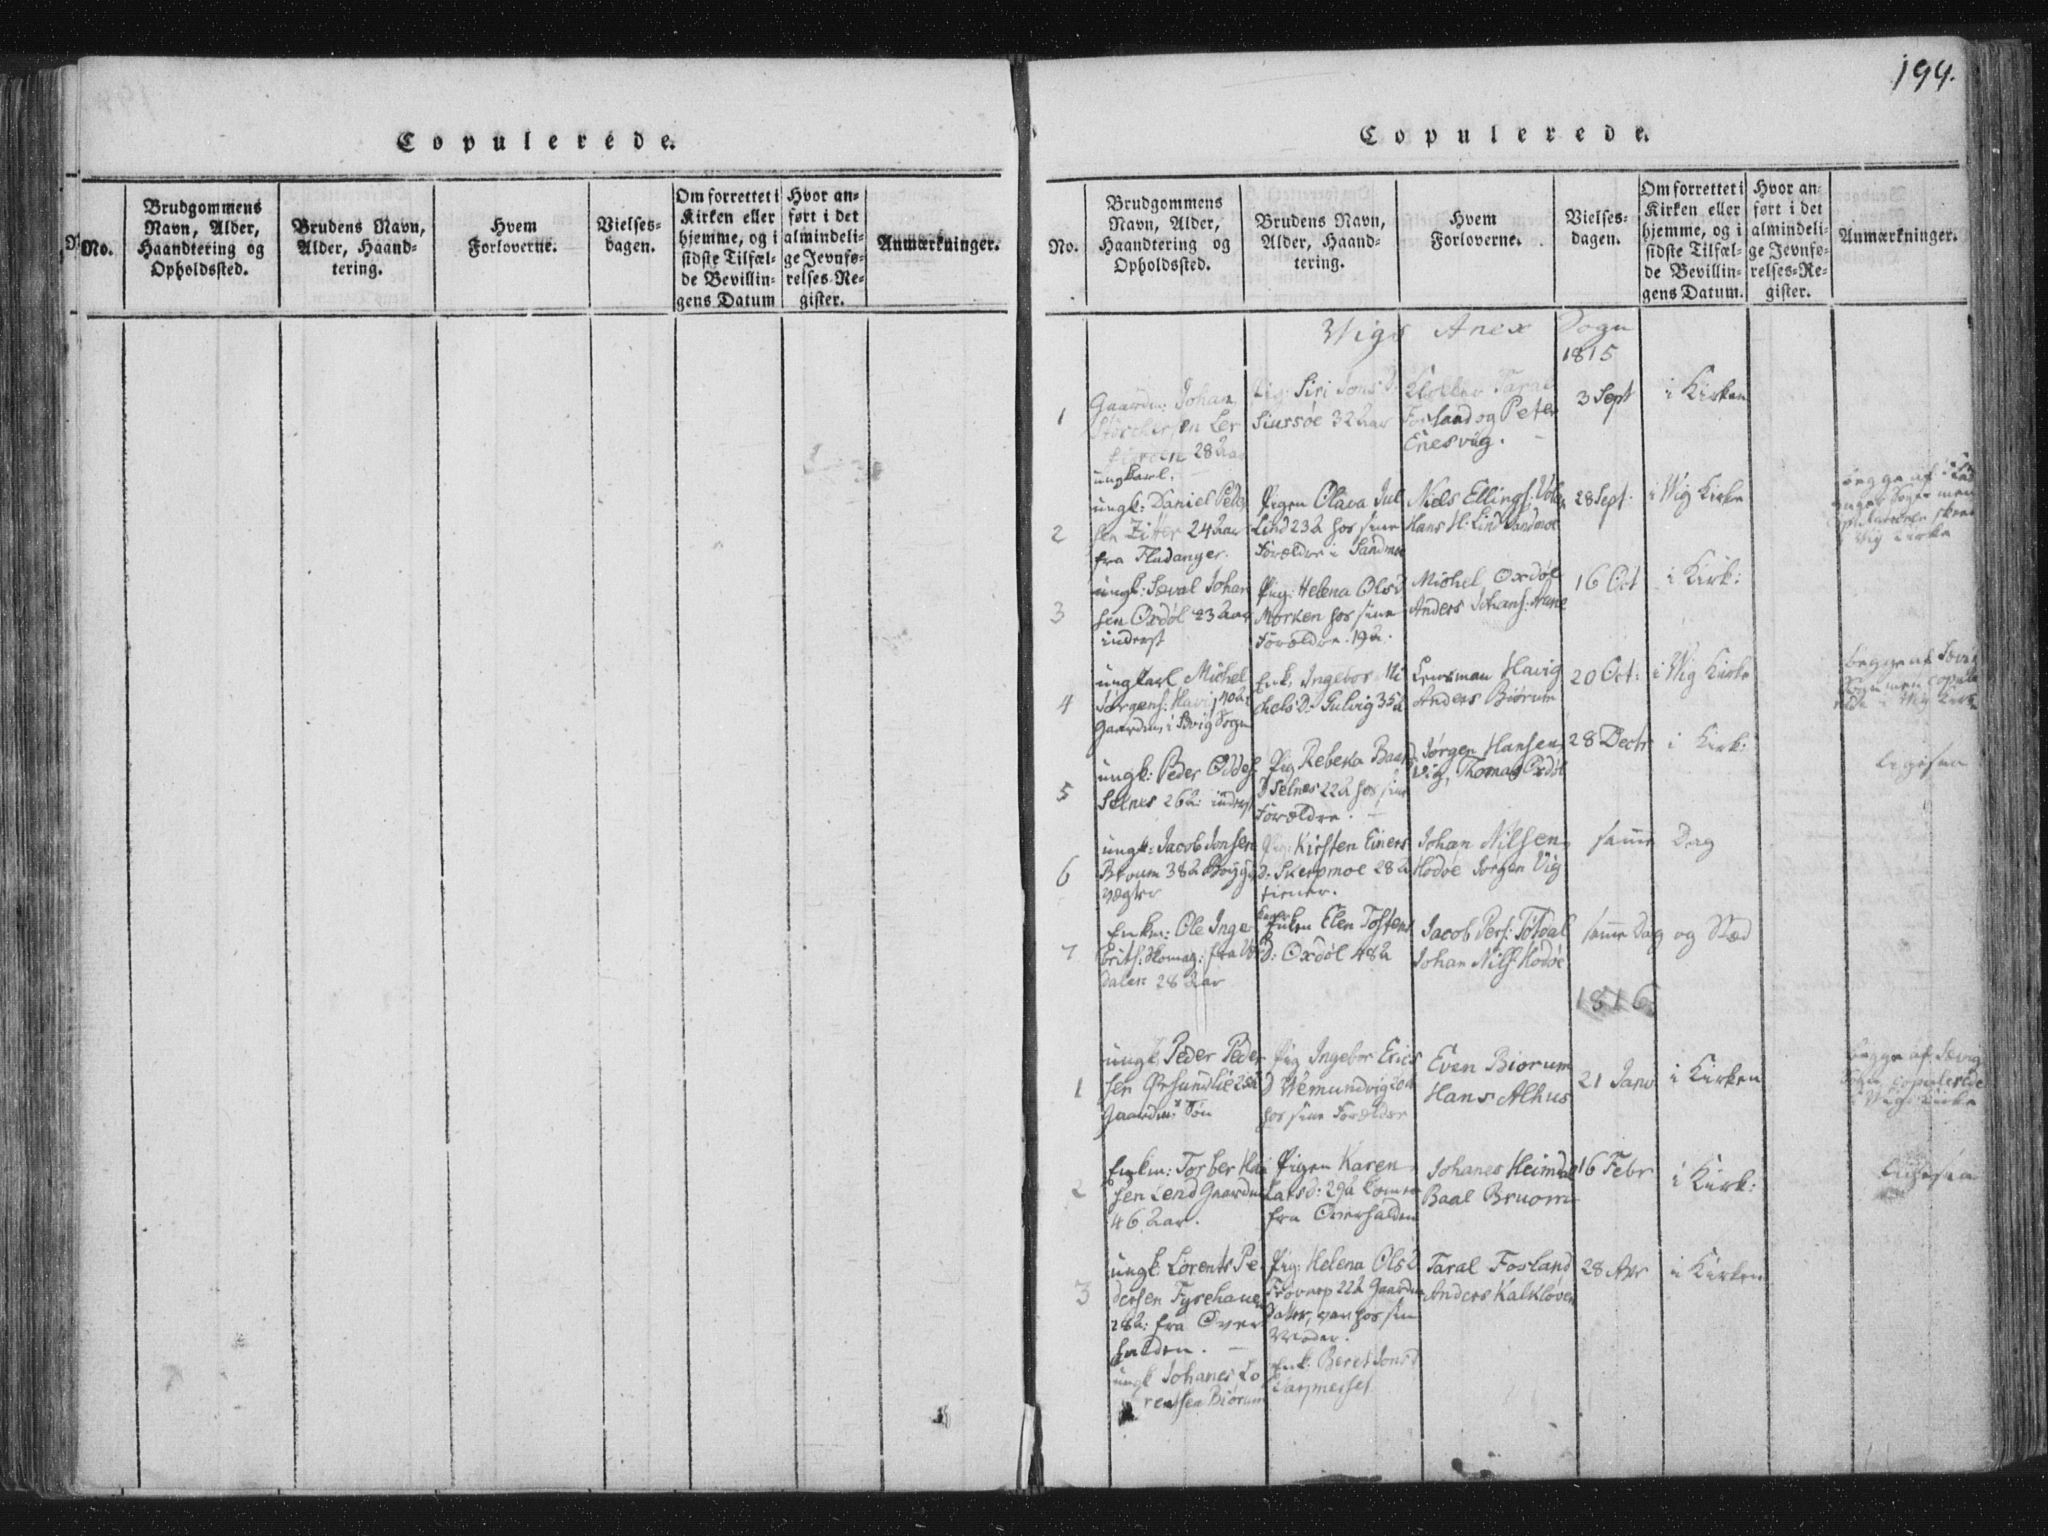 SAT, Ministerialprotokoller, klokkerbøker og fødselsregistre - Nord-Trøndelag, 773/L0609: Ministerialbok nr. 773A03 /2, 1815-1830, s. 199